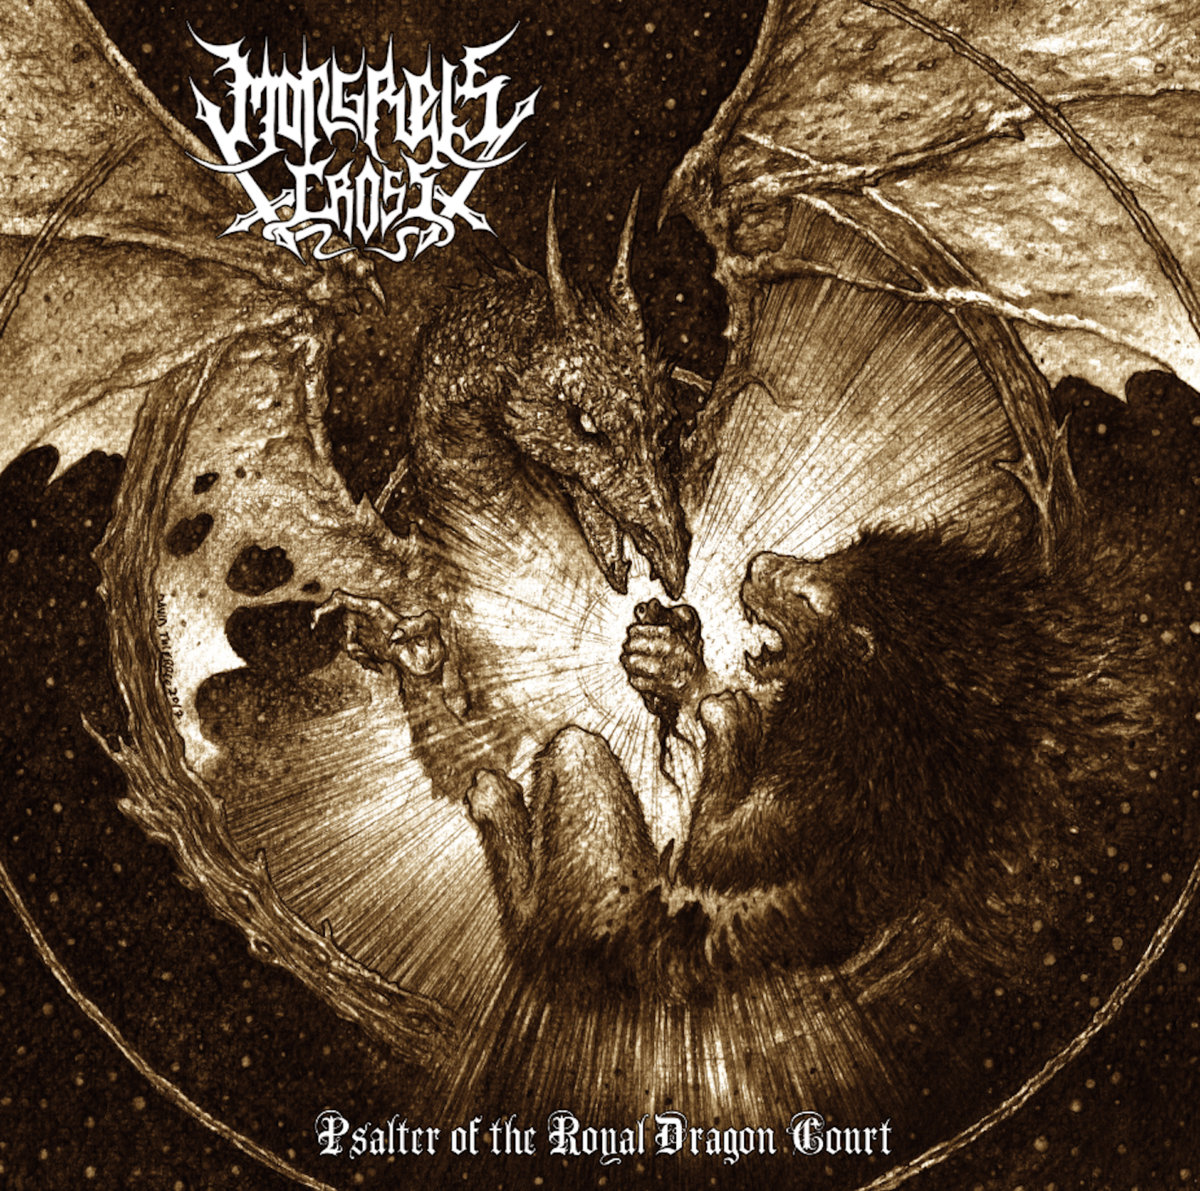 Psalter Of The Royal Dragon Court | MONGREL'S CROSS